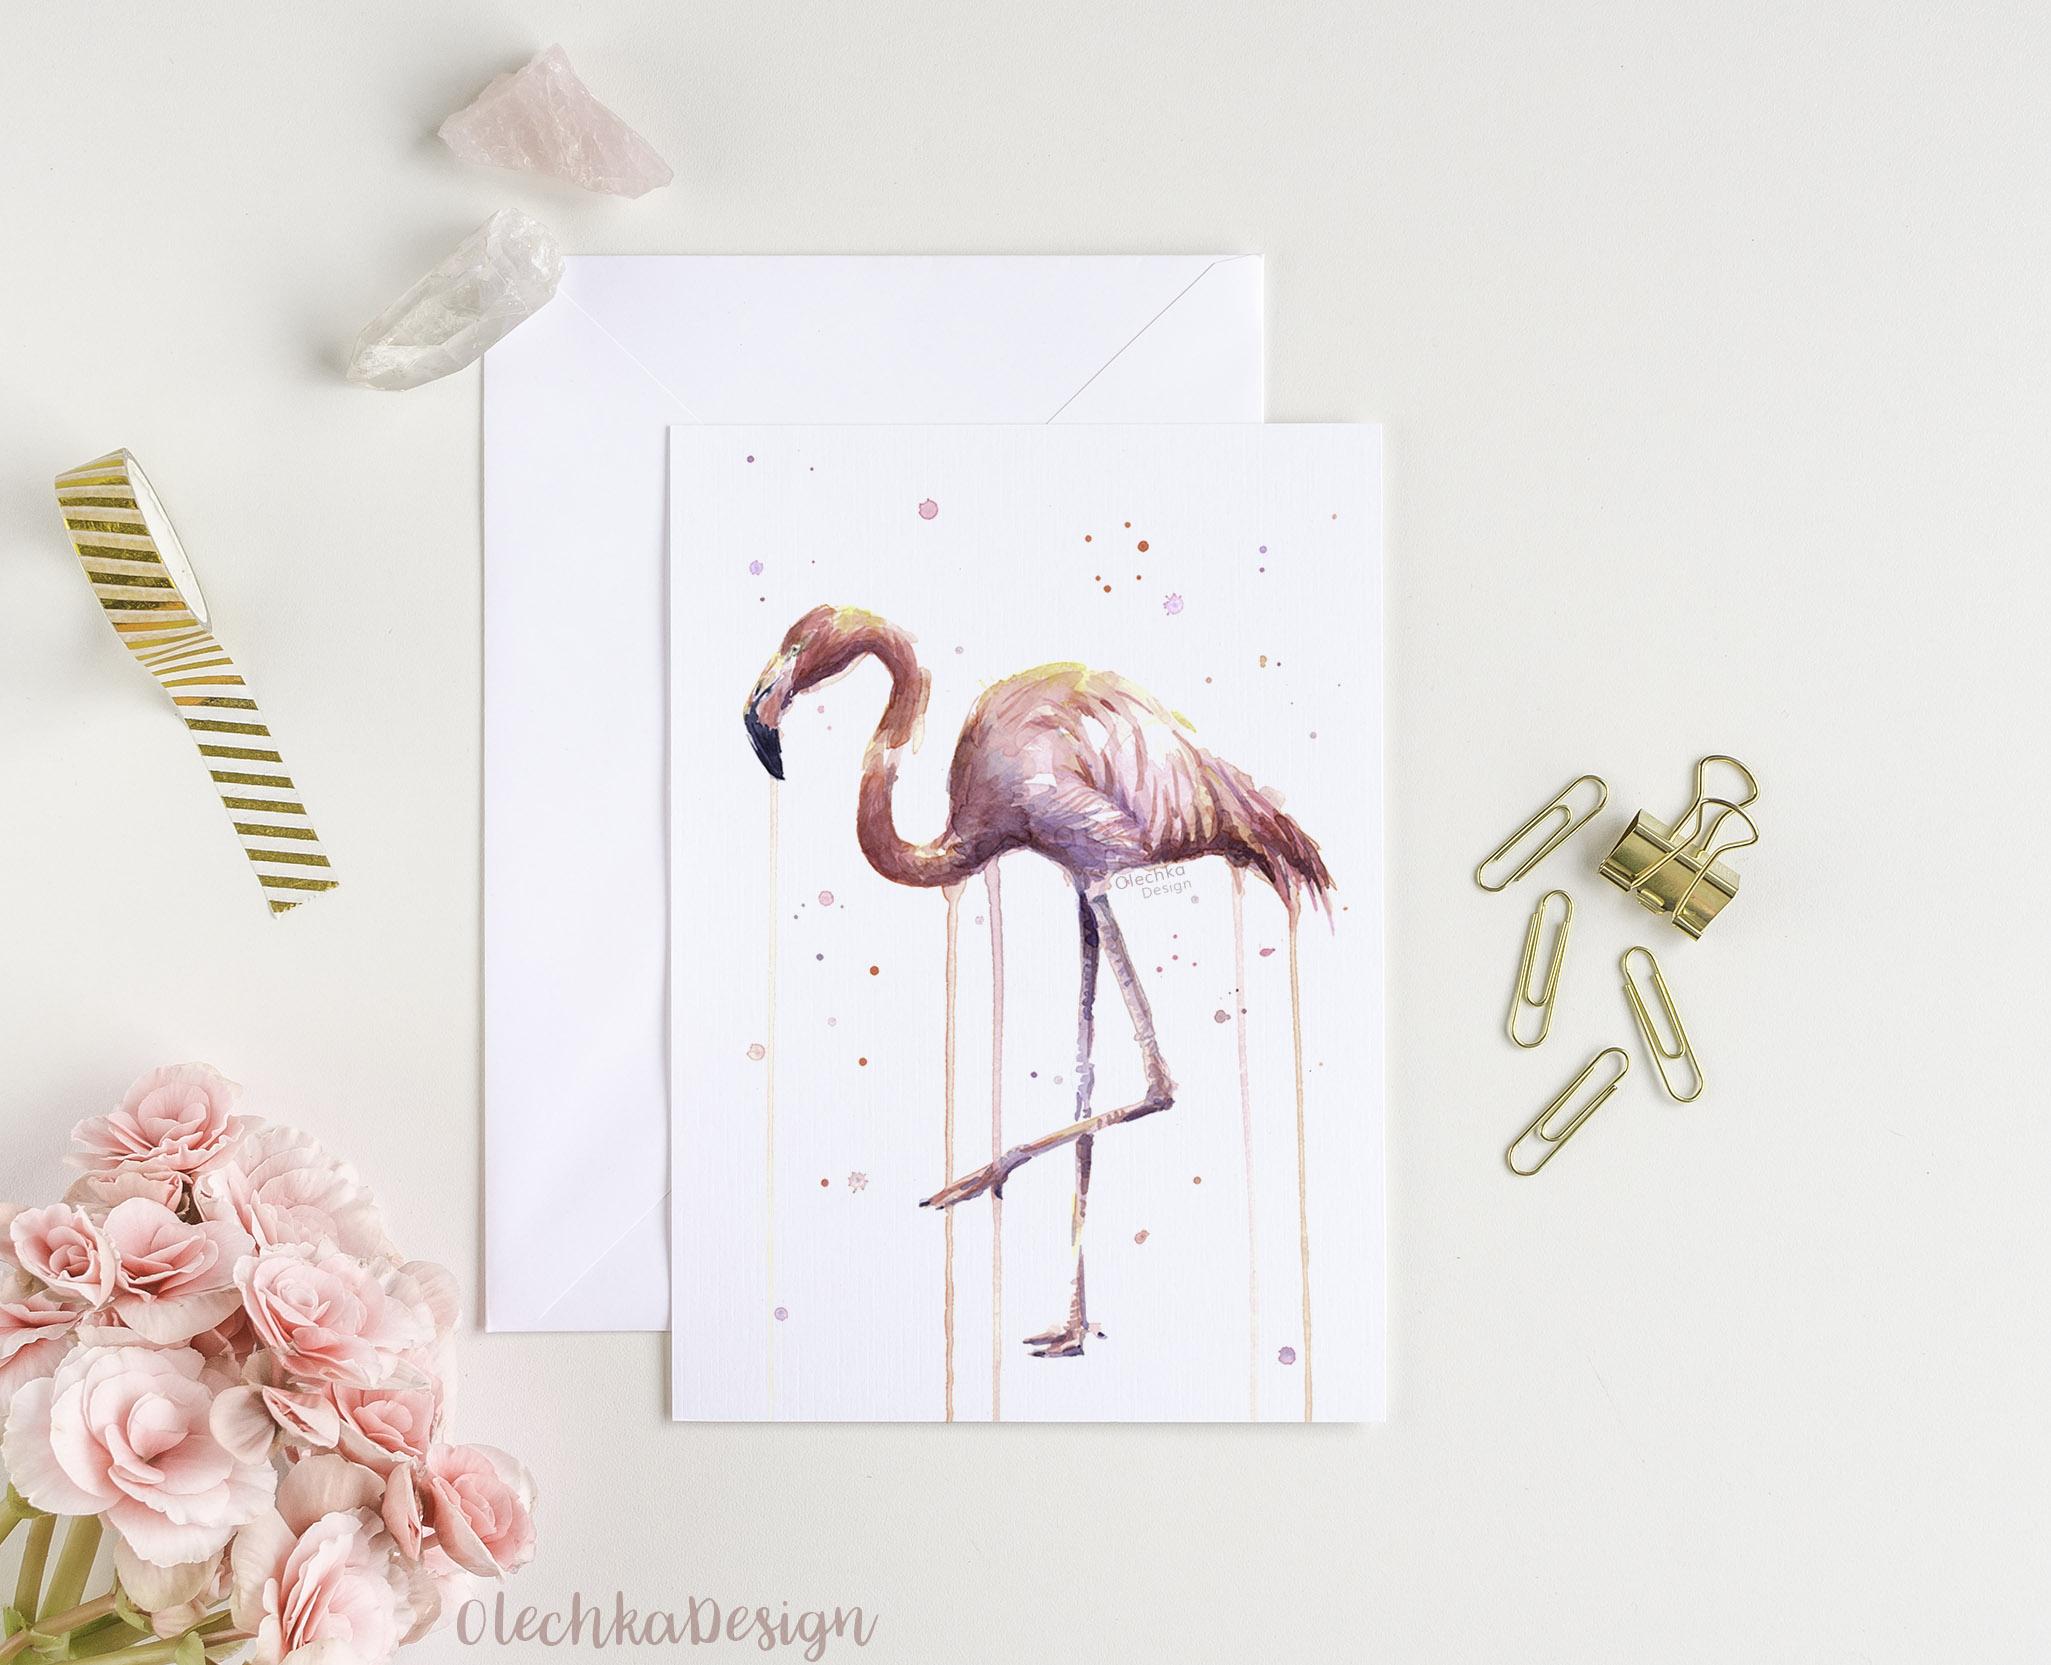 flamingo-watercolor-prints.jpg